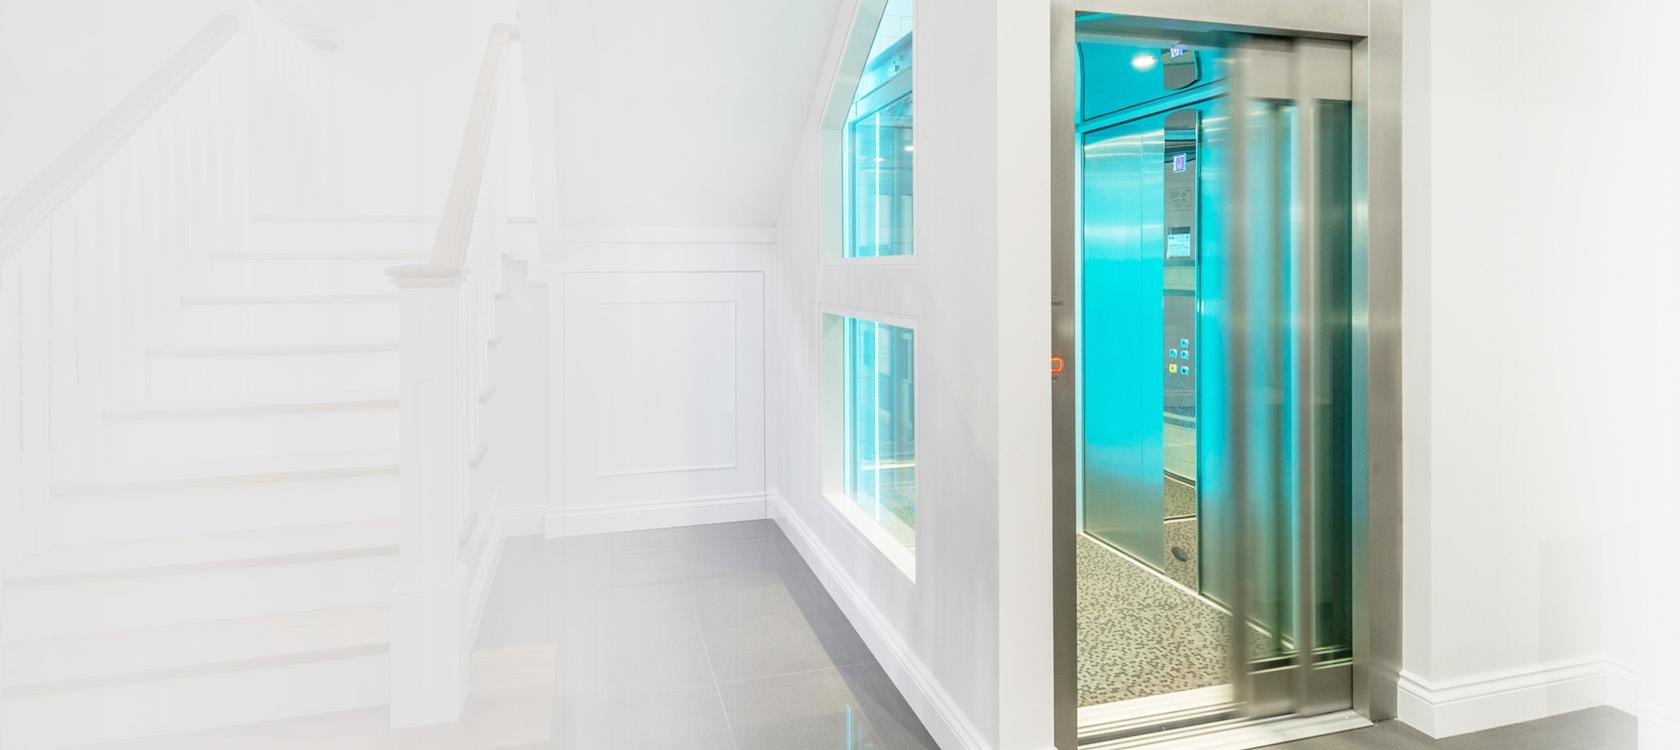 Miniascensori per casa elevatori e piccoli ascensori for Piccoli piani domestici tradizionali